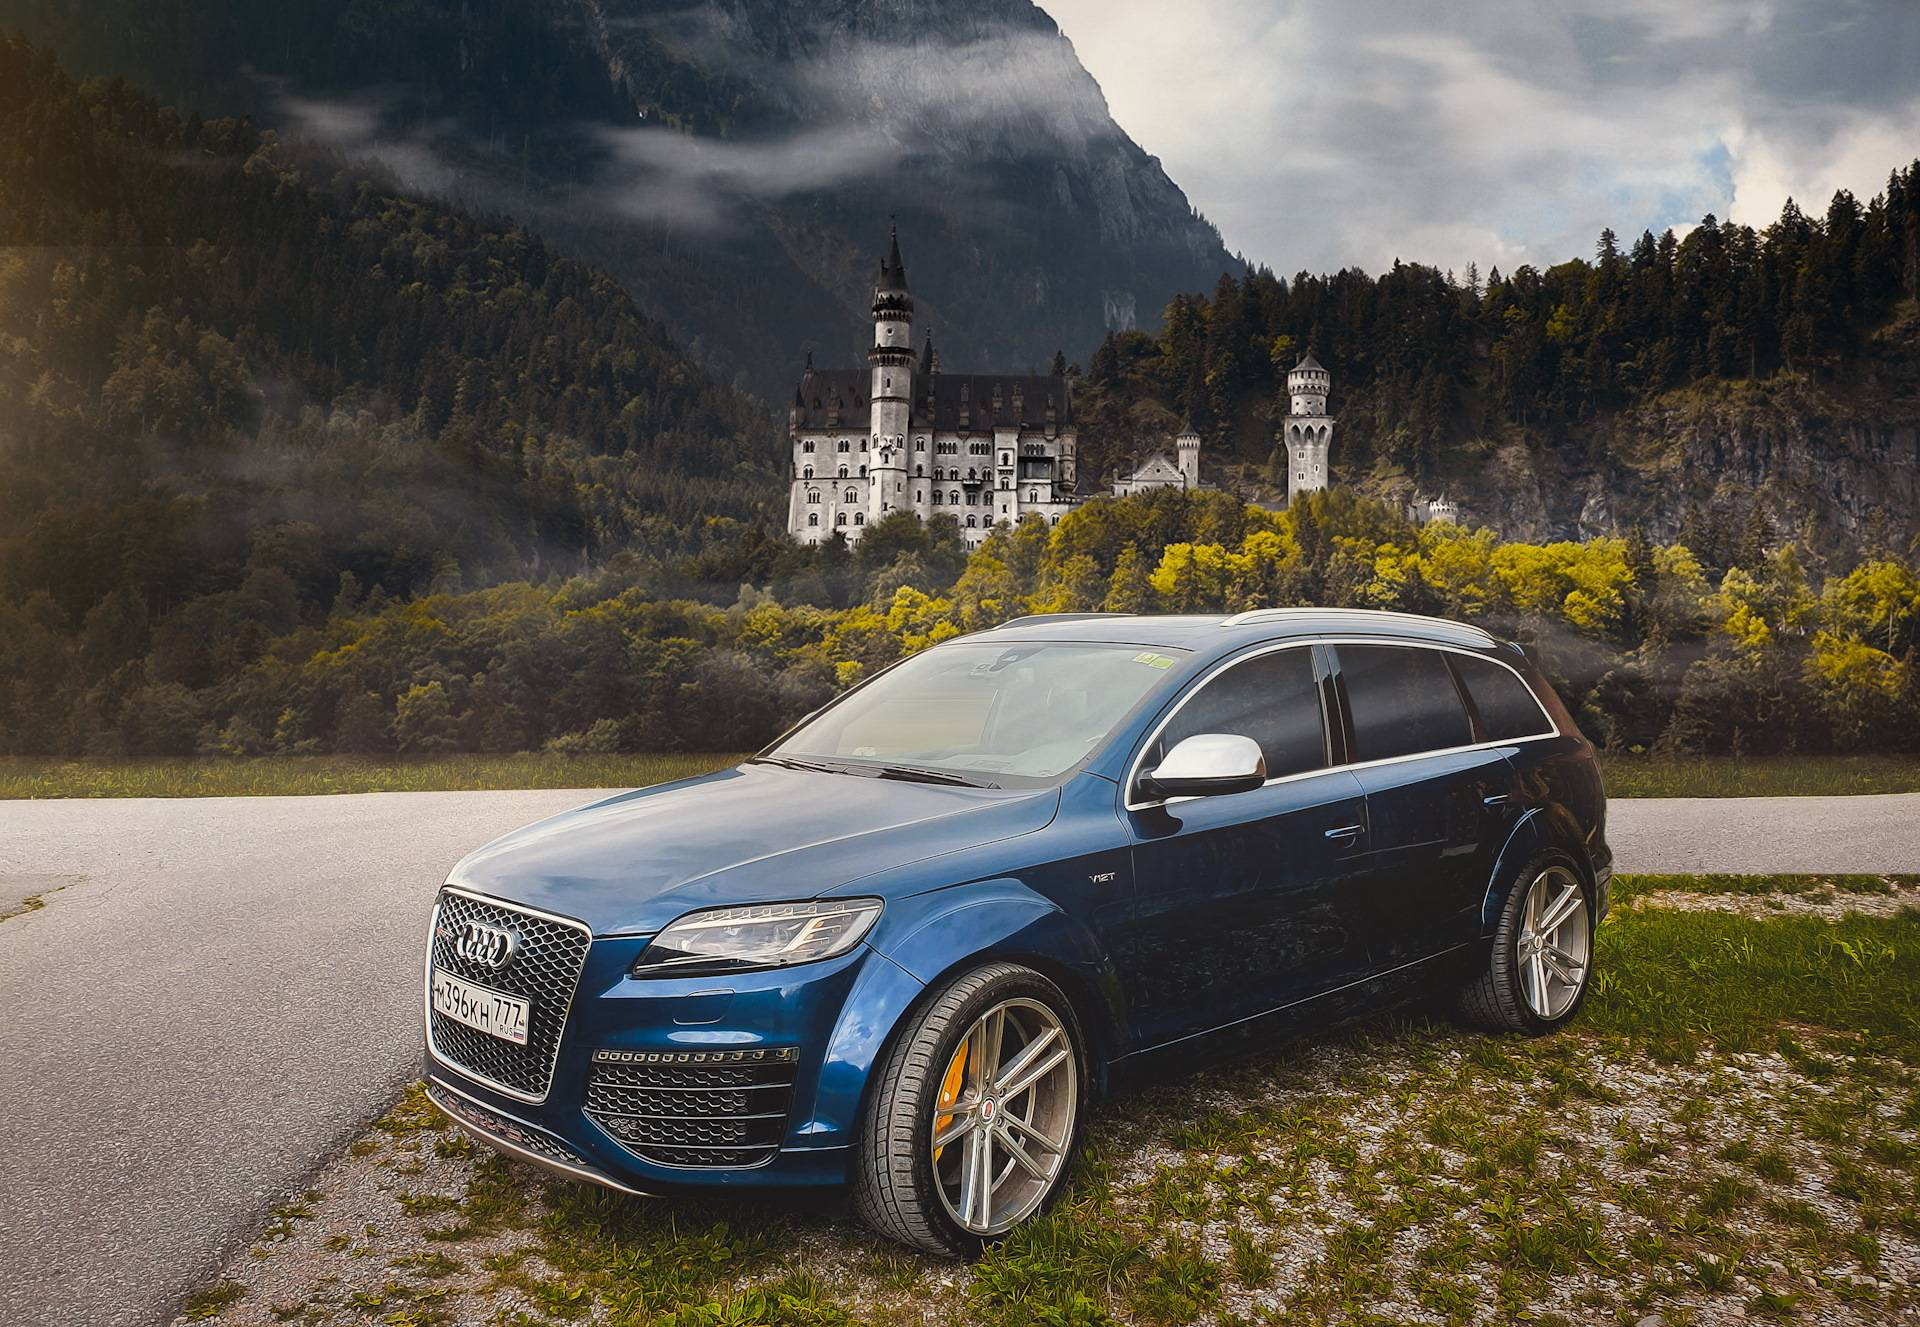 Audi Q7 (I поколение): пережиток прошлого или нестареющий престиж?